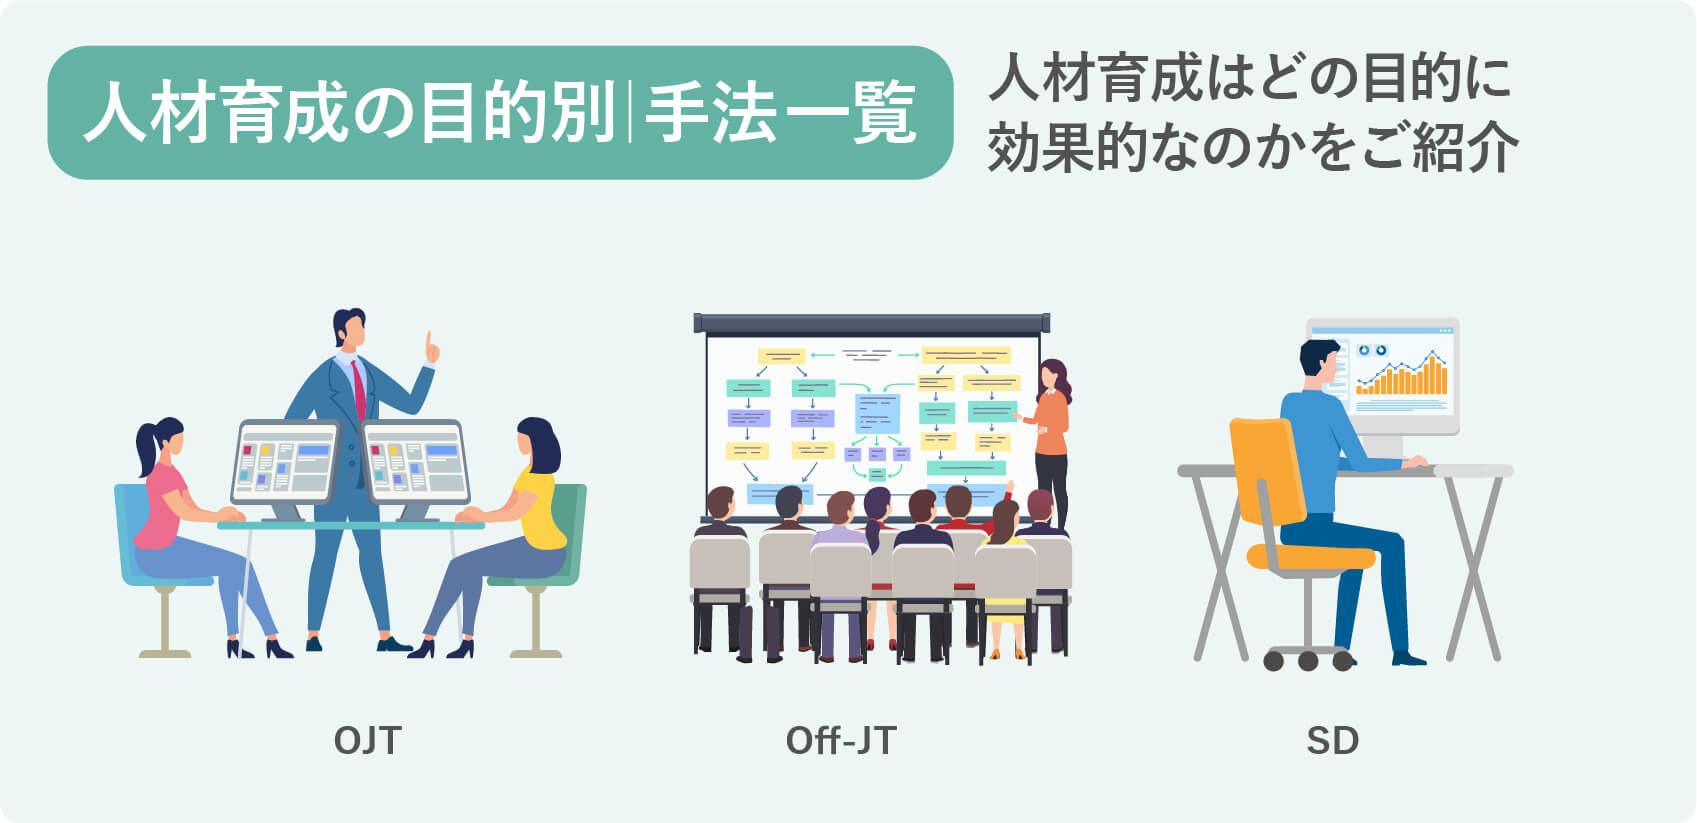 人材育成の手法(OJT・Off-JT・SD)